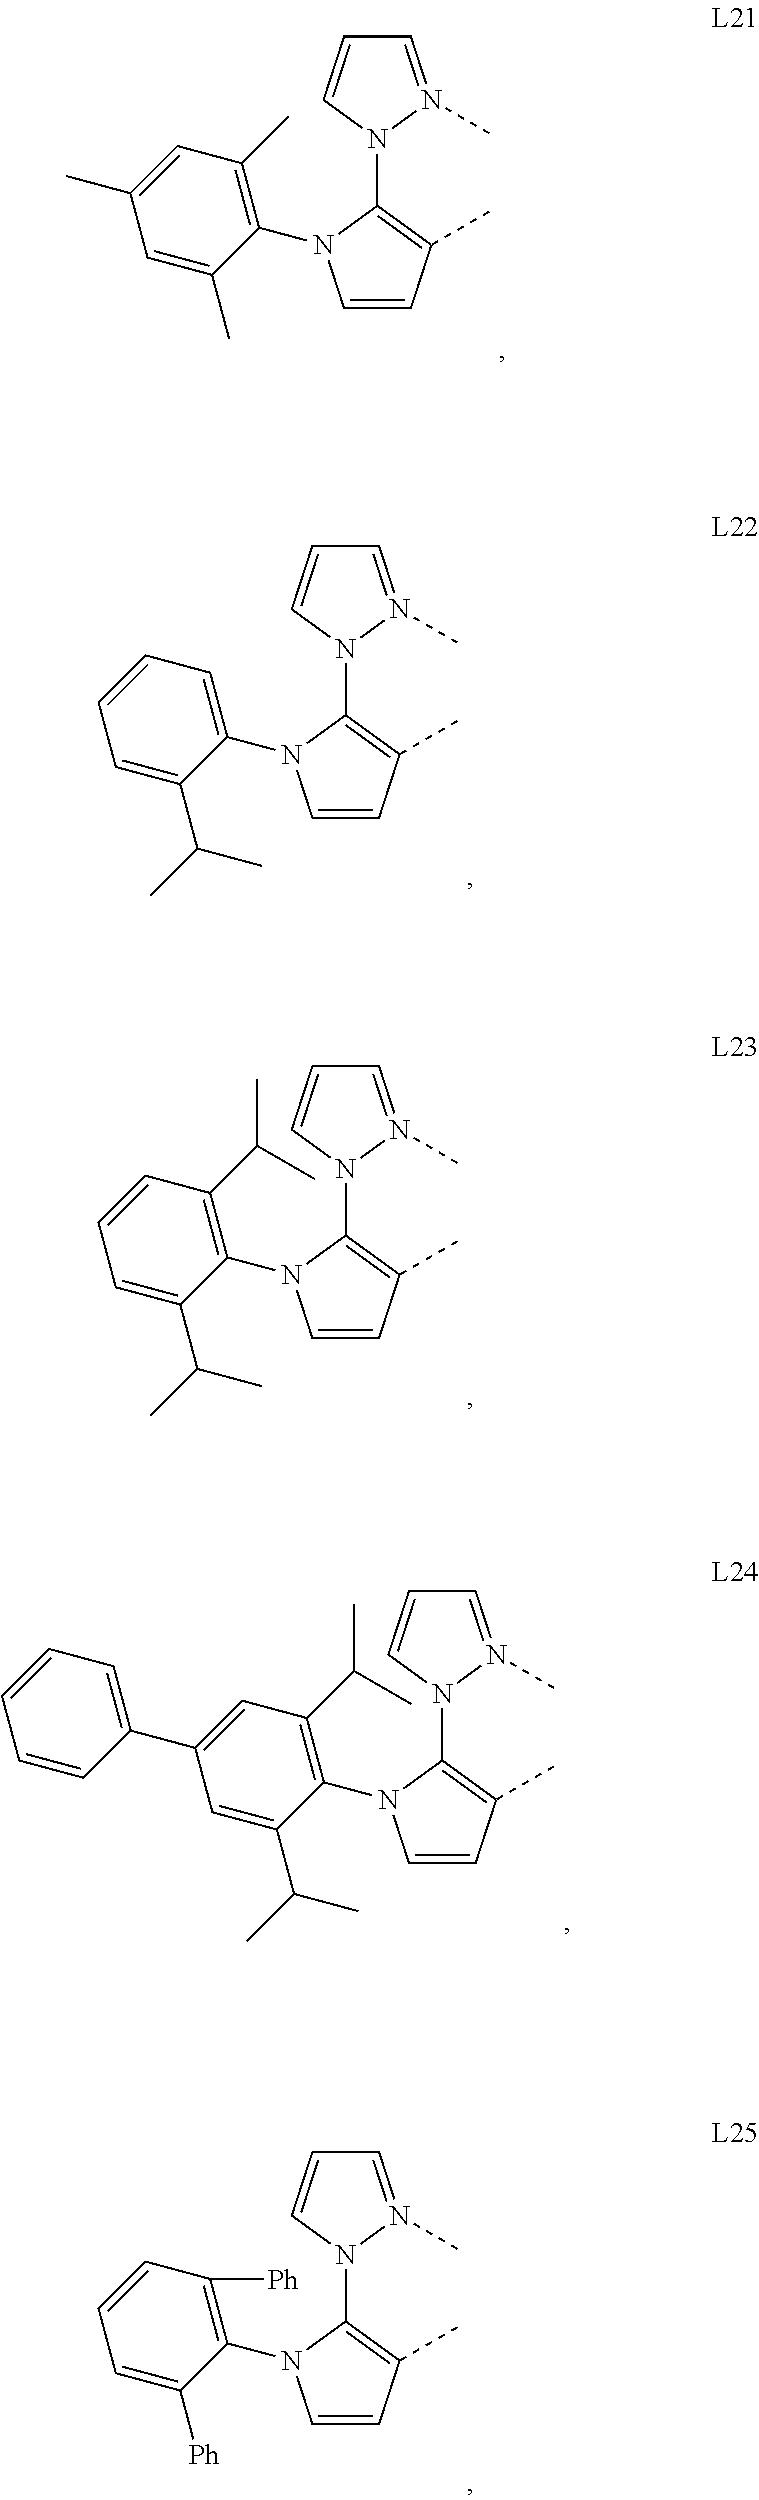 Figure US09935277-20180403-C00009